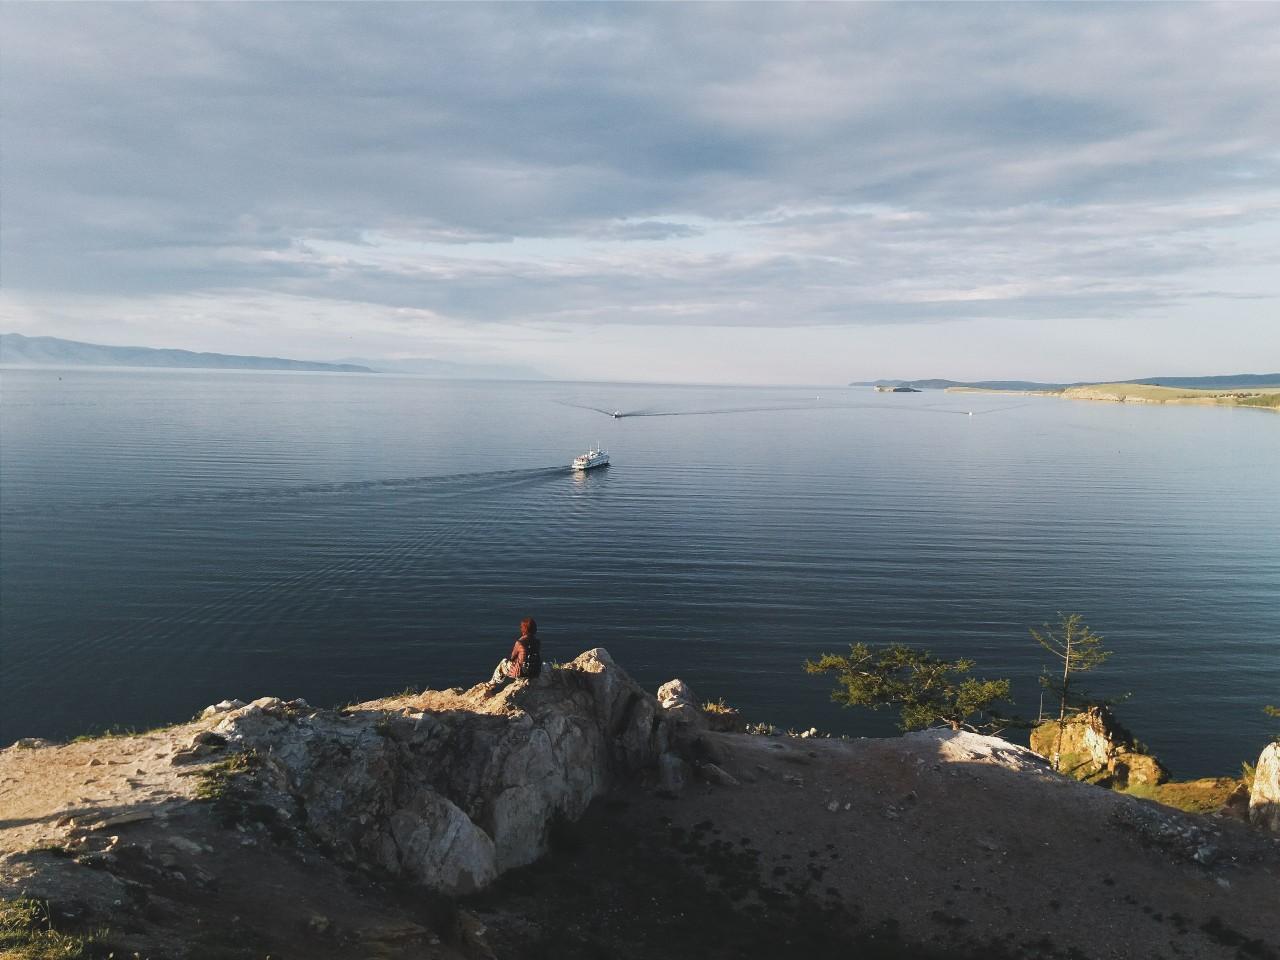 Водно - пешее путешествие из лета в осень в регионе Байкала  с 10 июля до 1 октября 2018 года